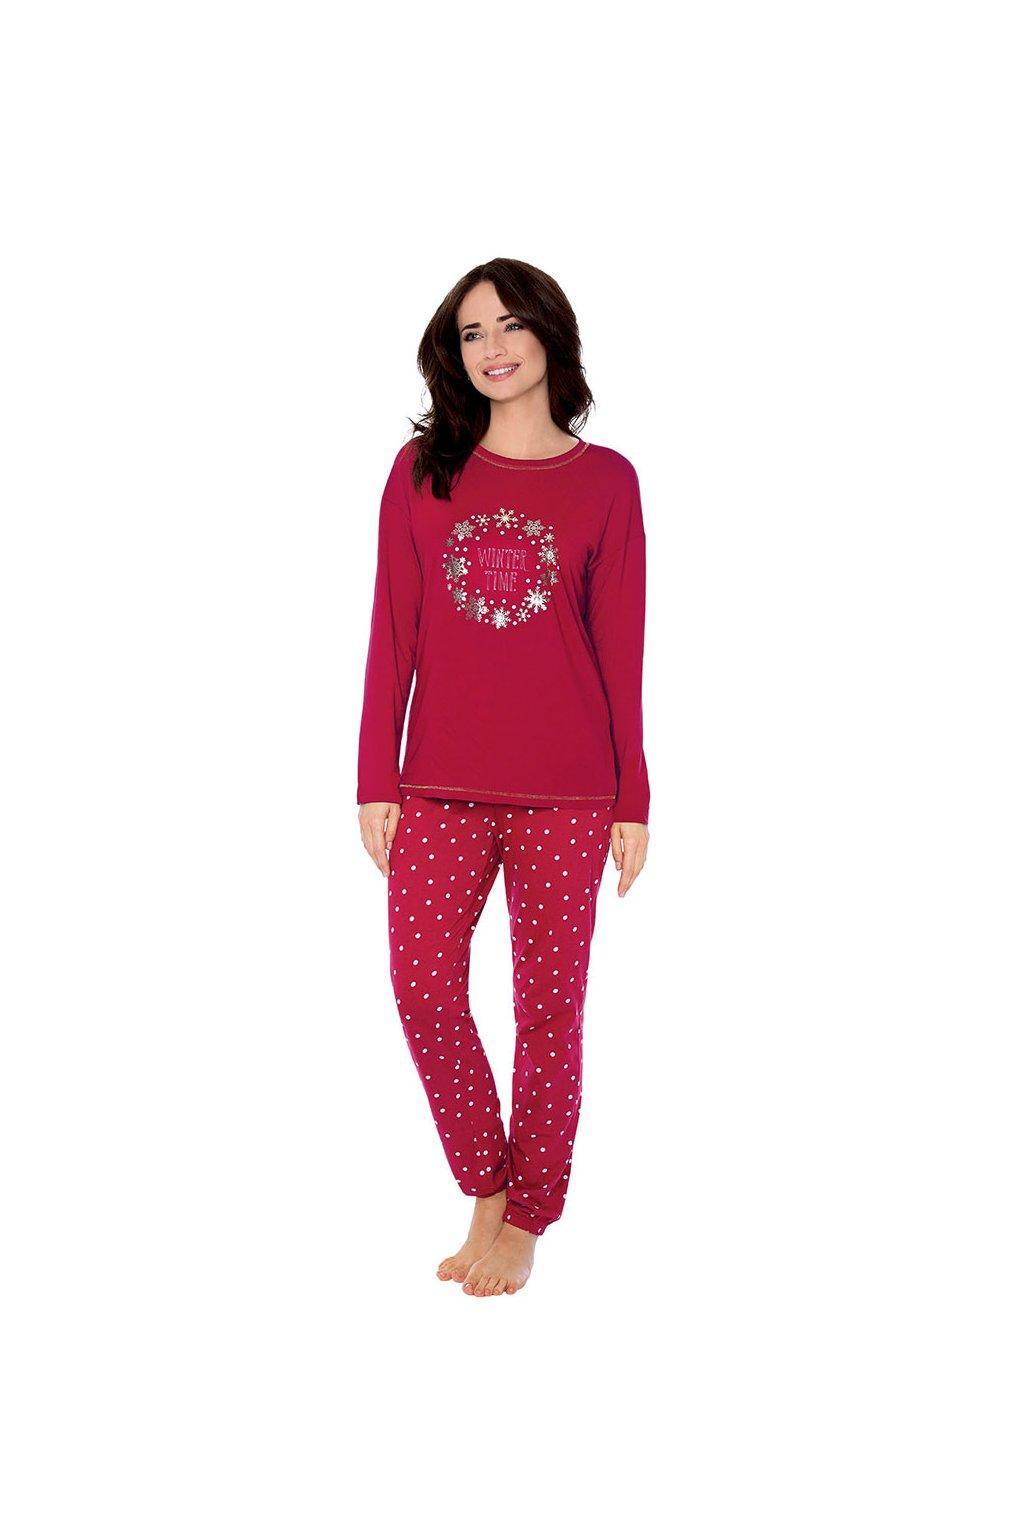 Dámské pyžamo s dlouhým rukávem, 104502 461, bordó